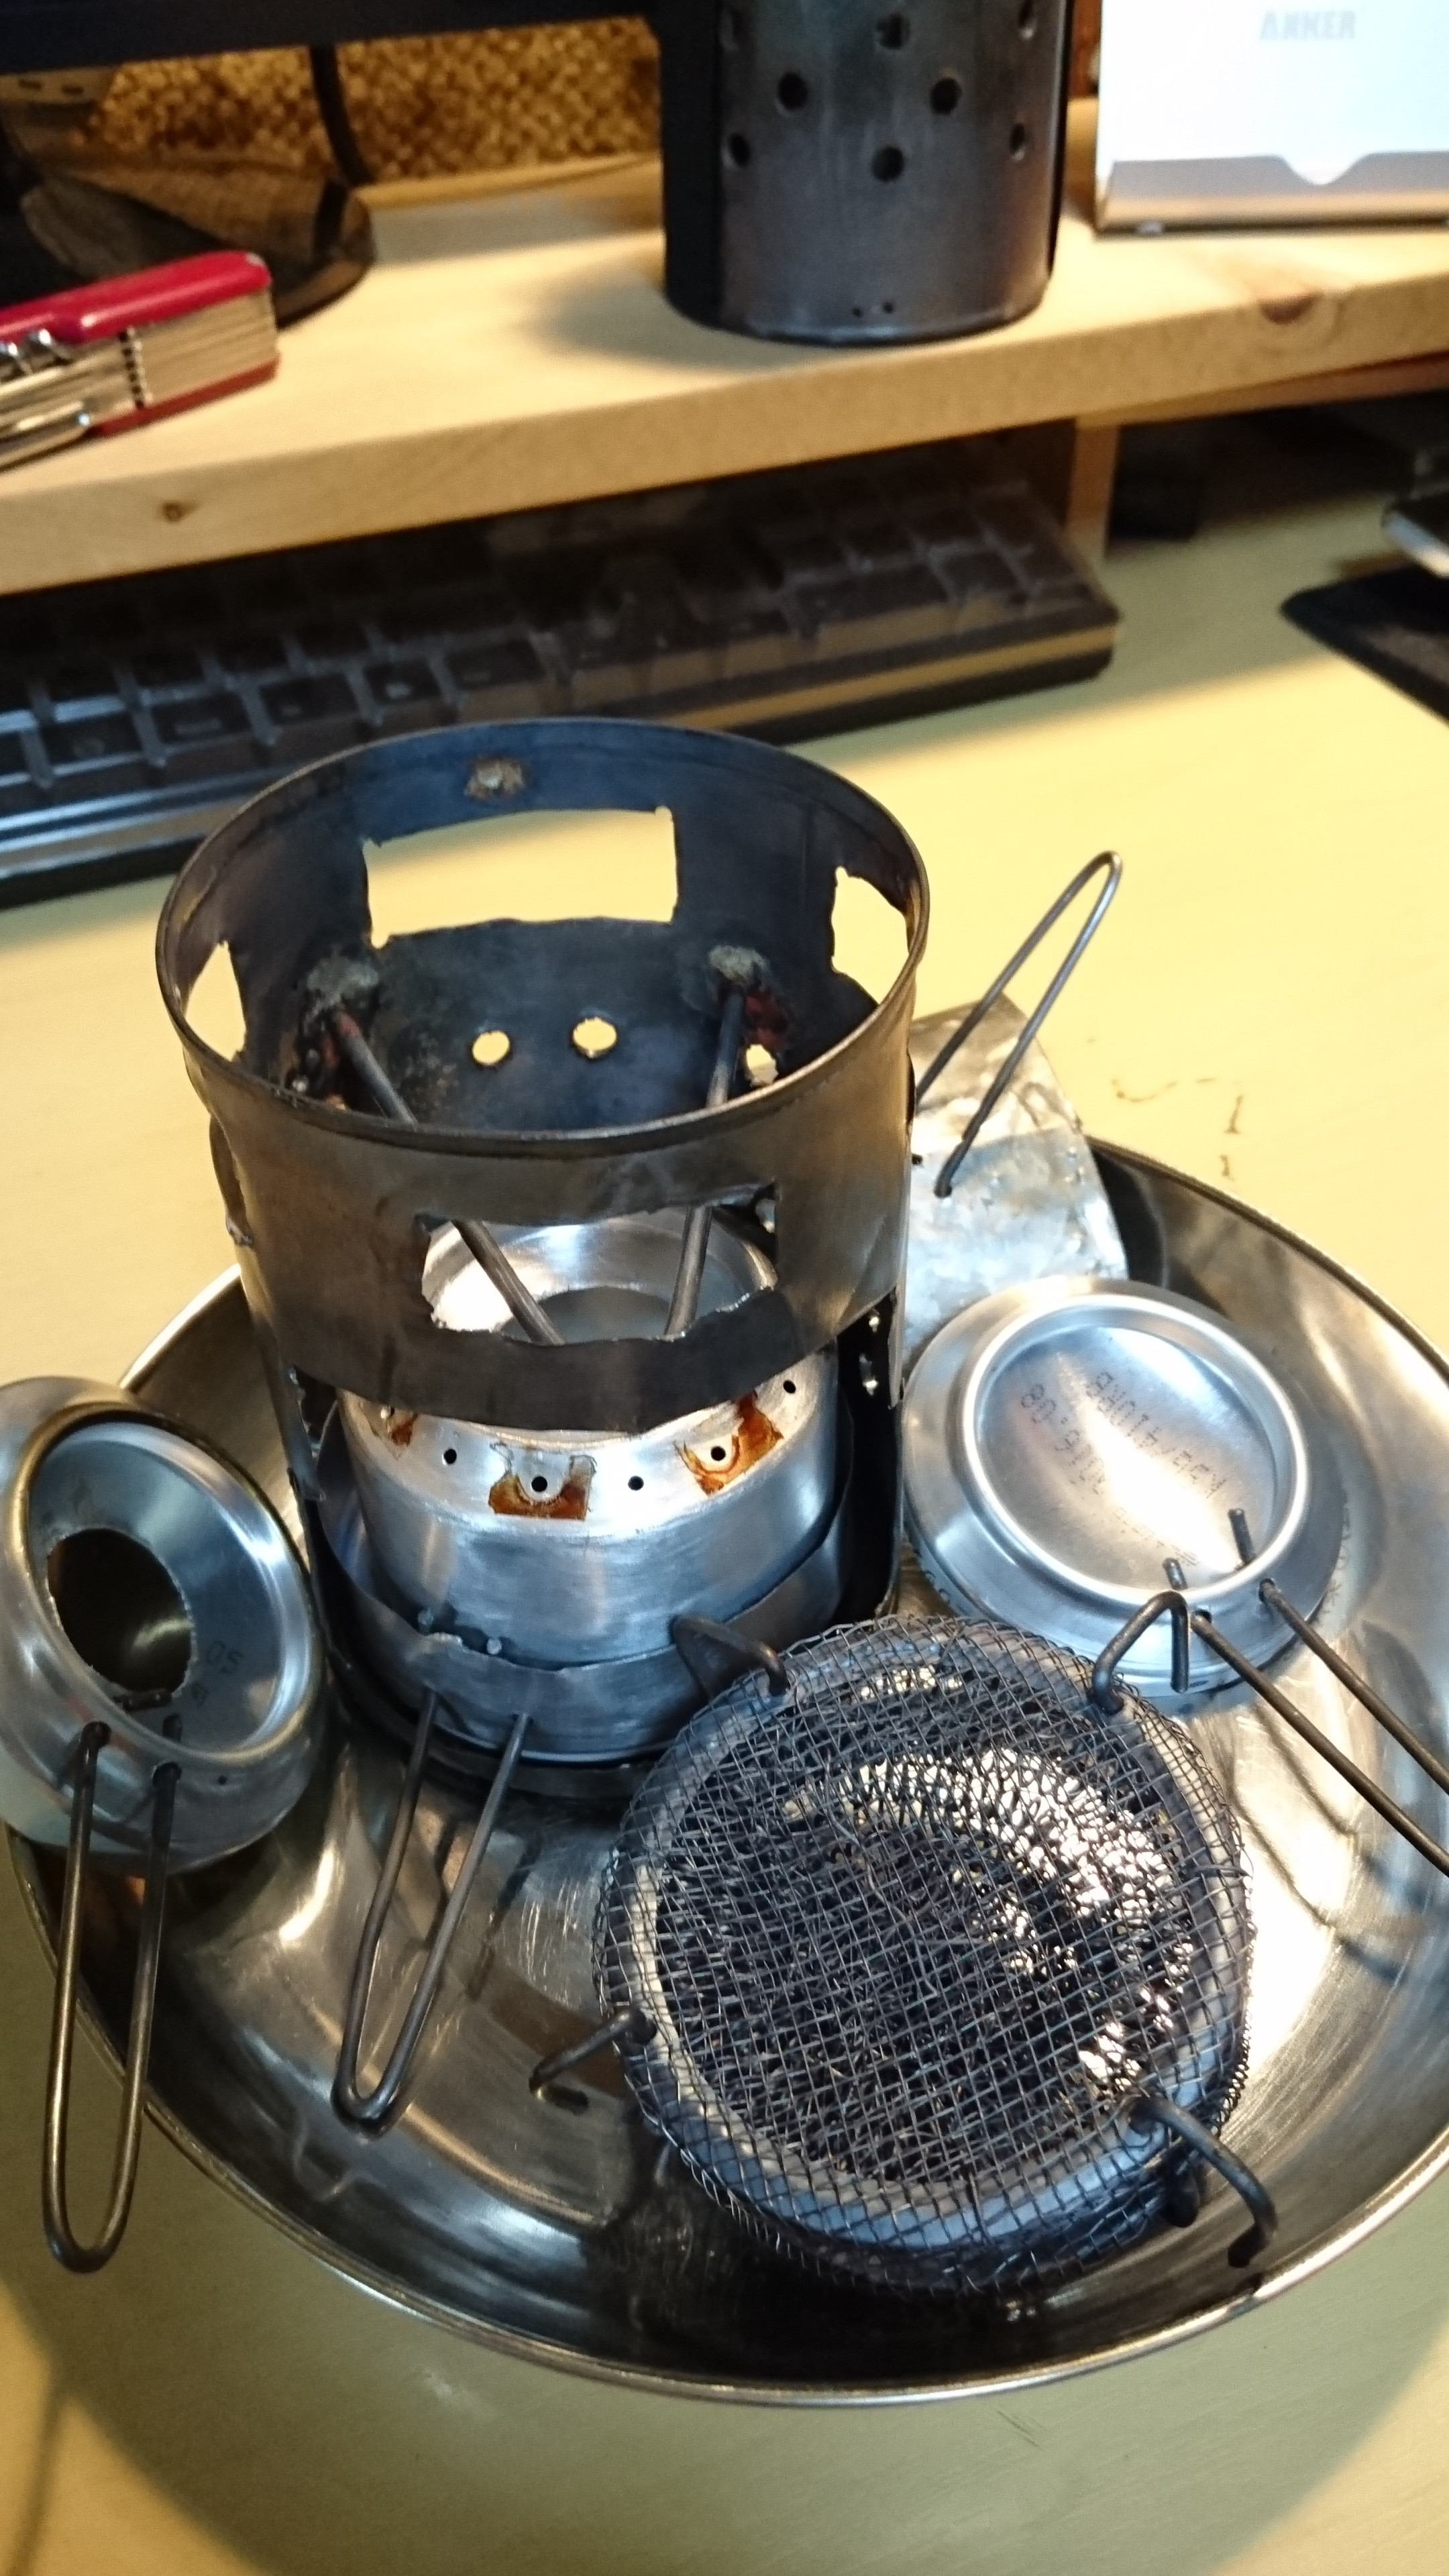 アルコールバーナーのクッカー兼赤外線ヒータを自作 Ver2(trangia対応)(DIY)